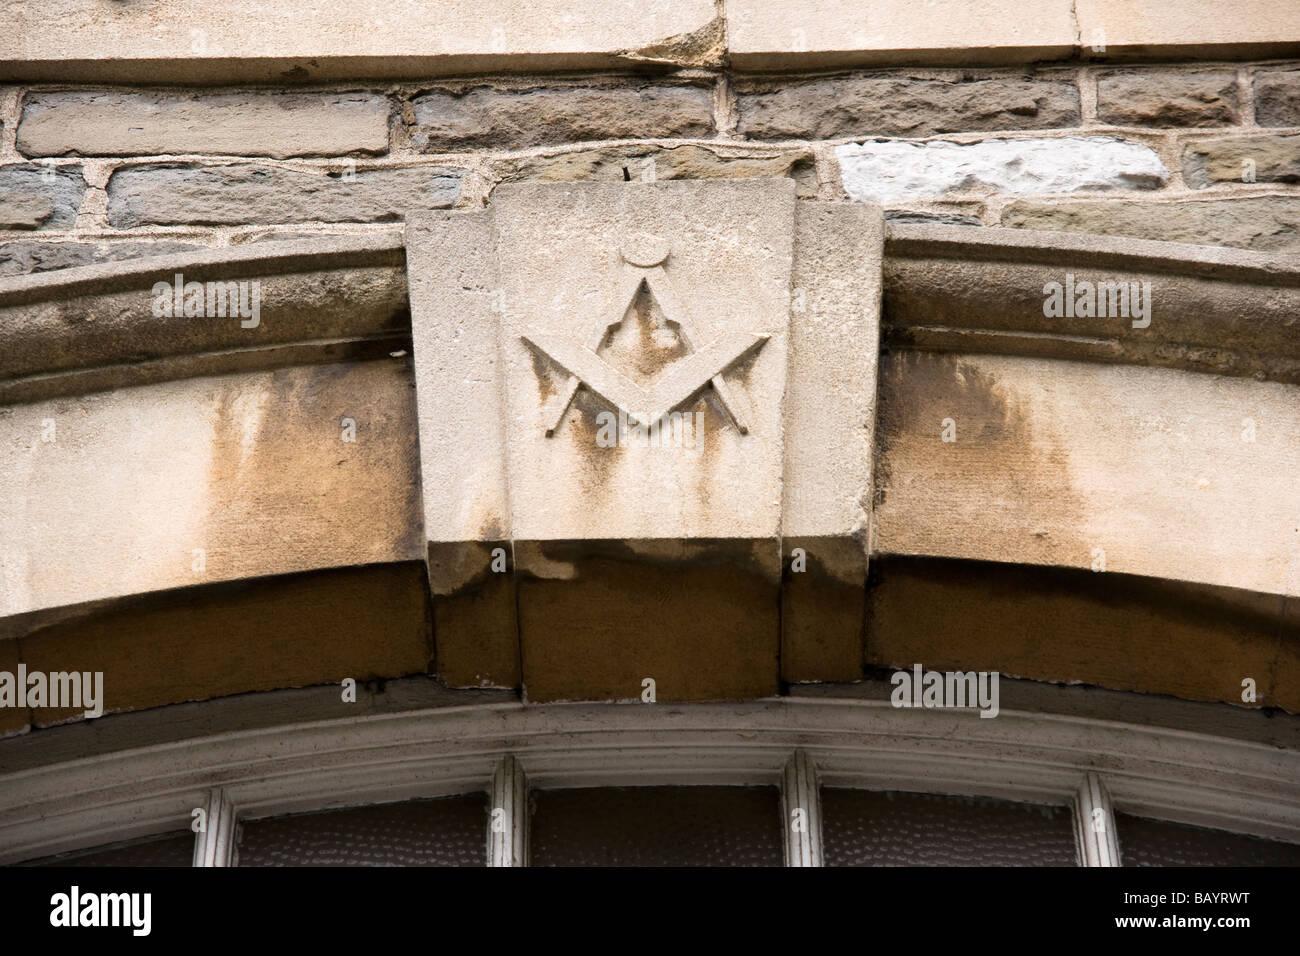 Masonic Symbol - Stock Image